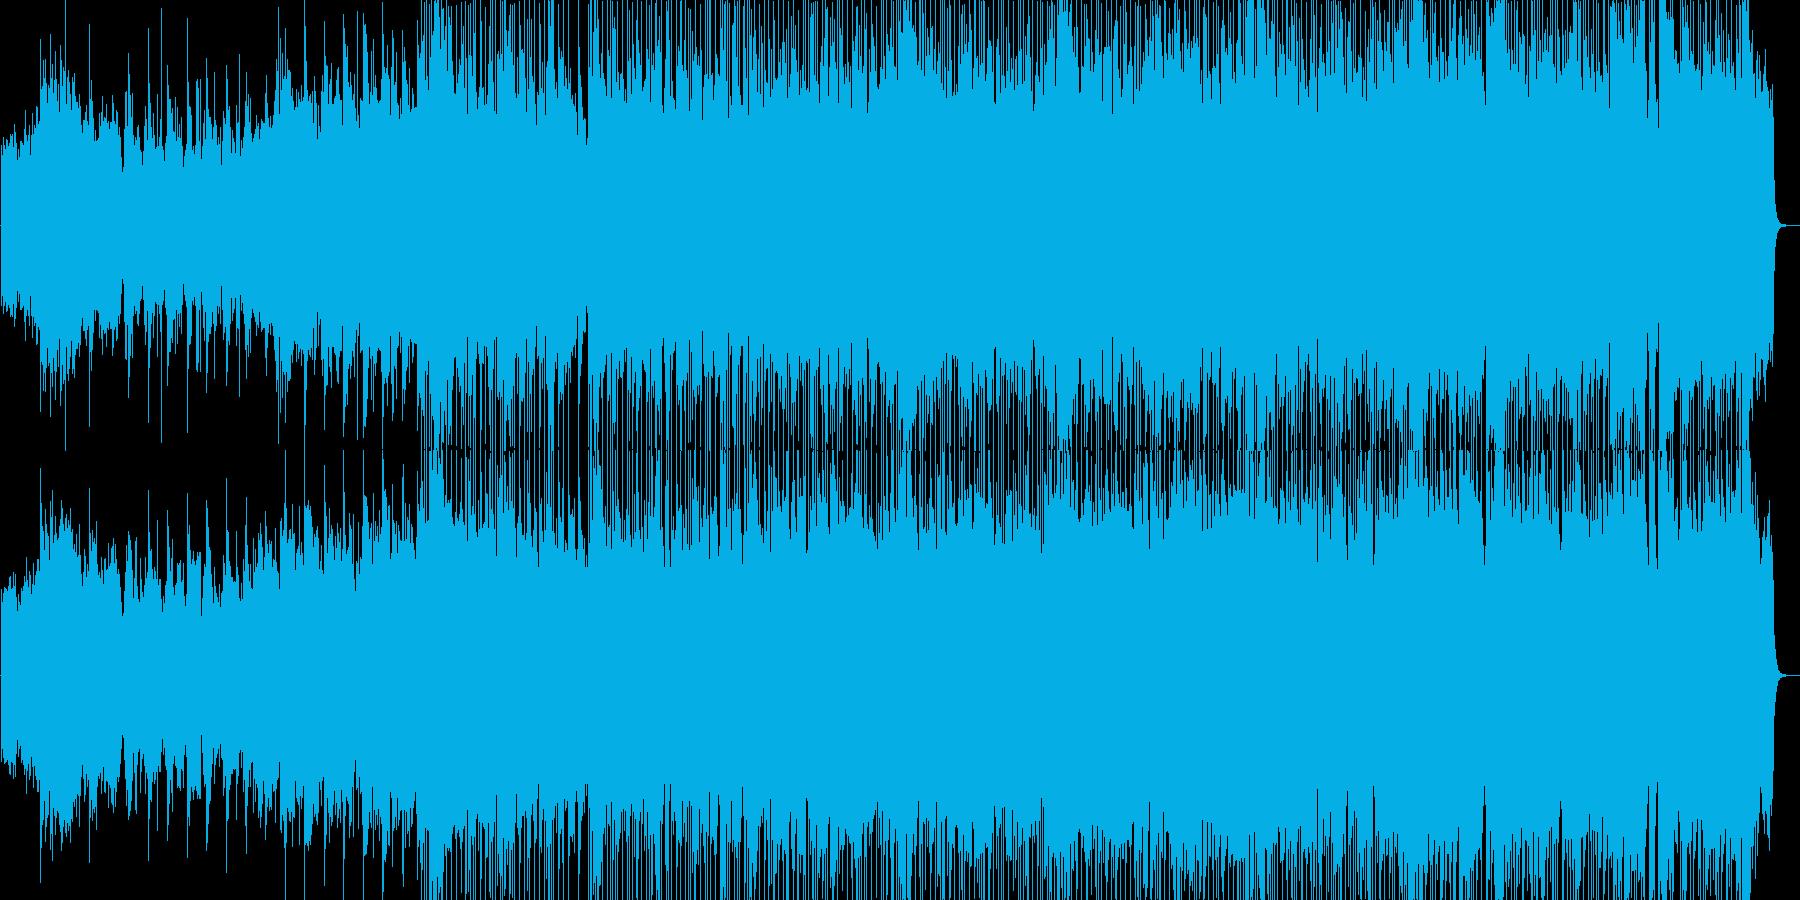 ゆったりとした感動的なバラードの再生済みの波形